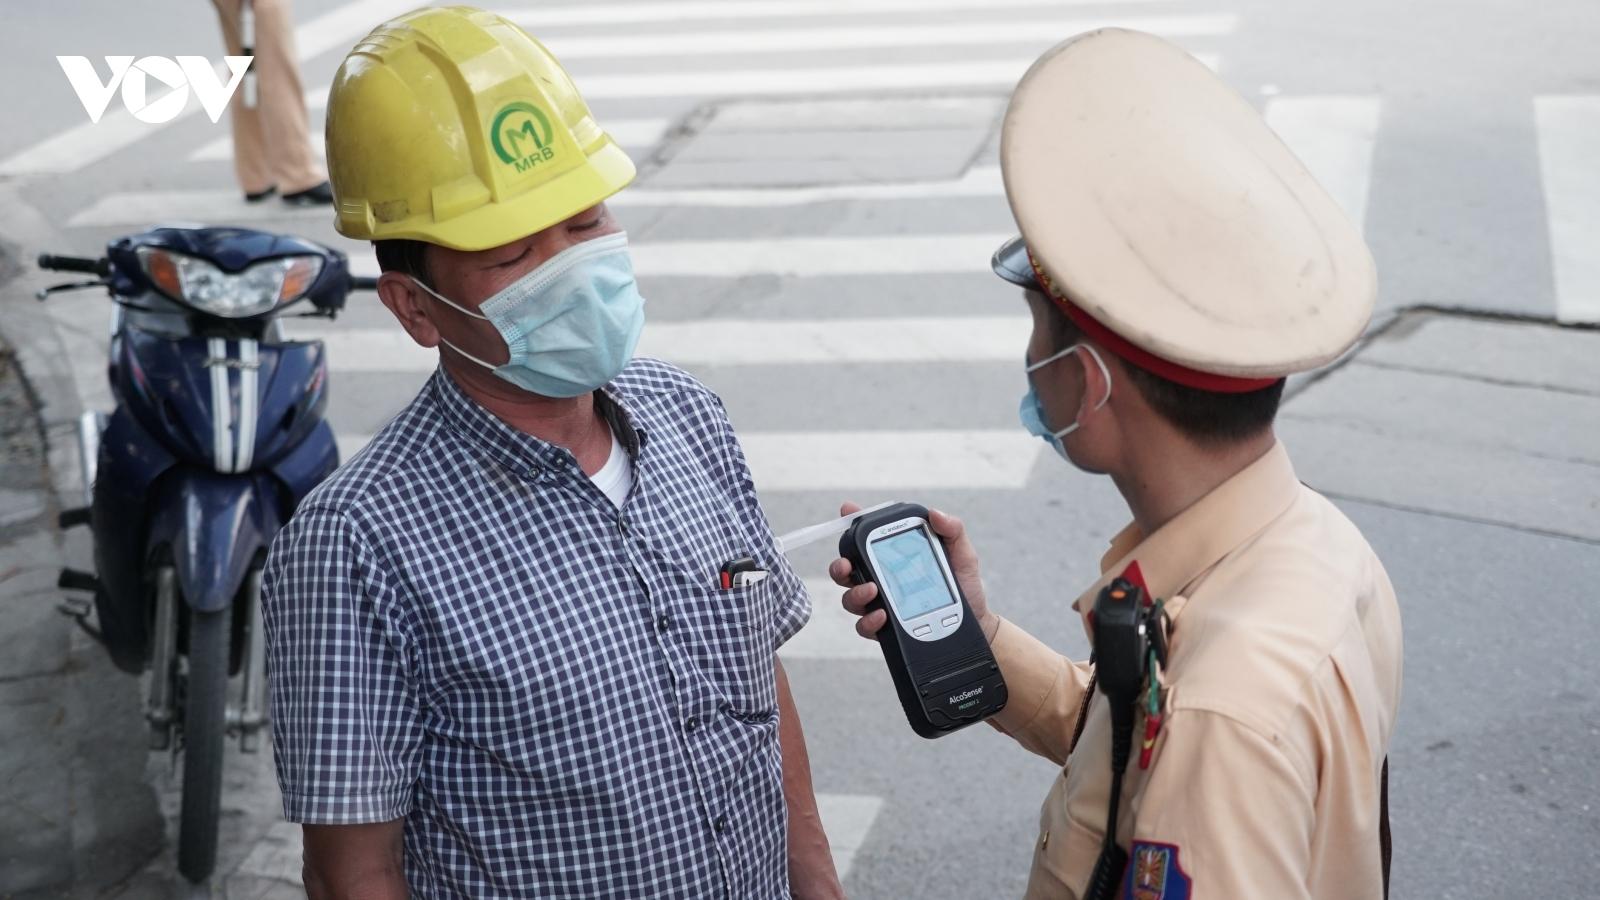 Lái xe say rượu, xin xỏ khi bị CSGT yêu cầu thổi nồng độ cồn trên đường ở Hà Nội